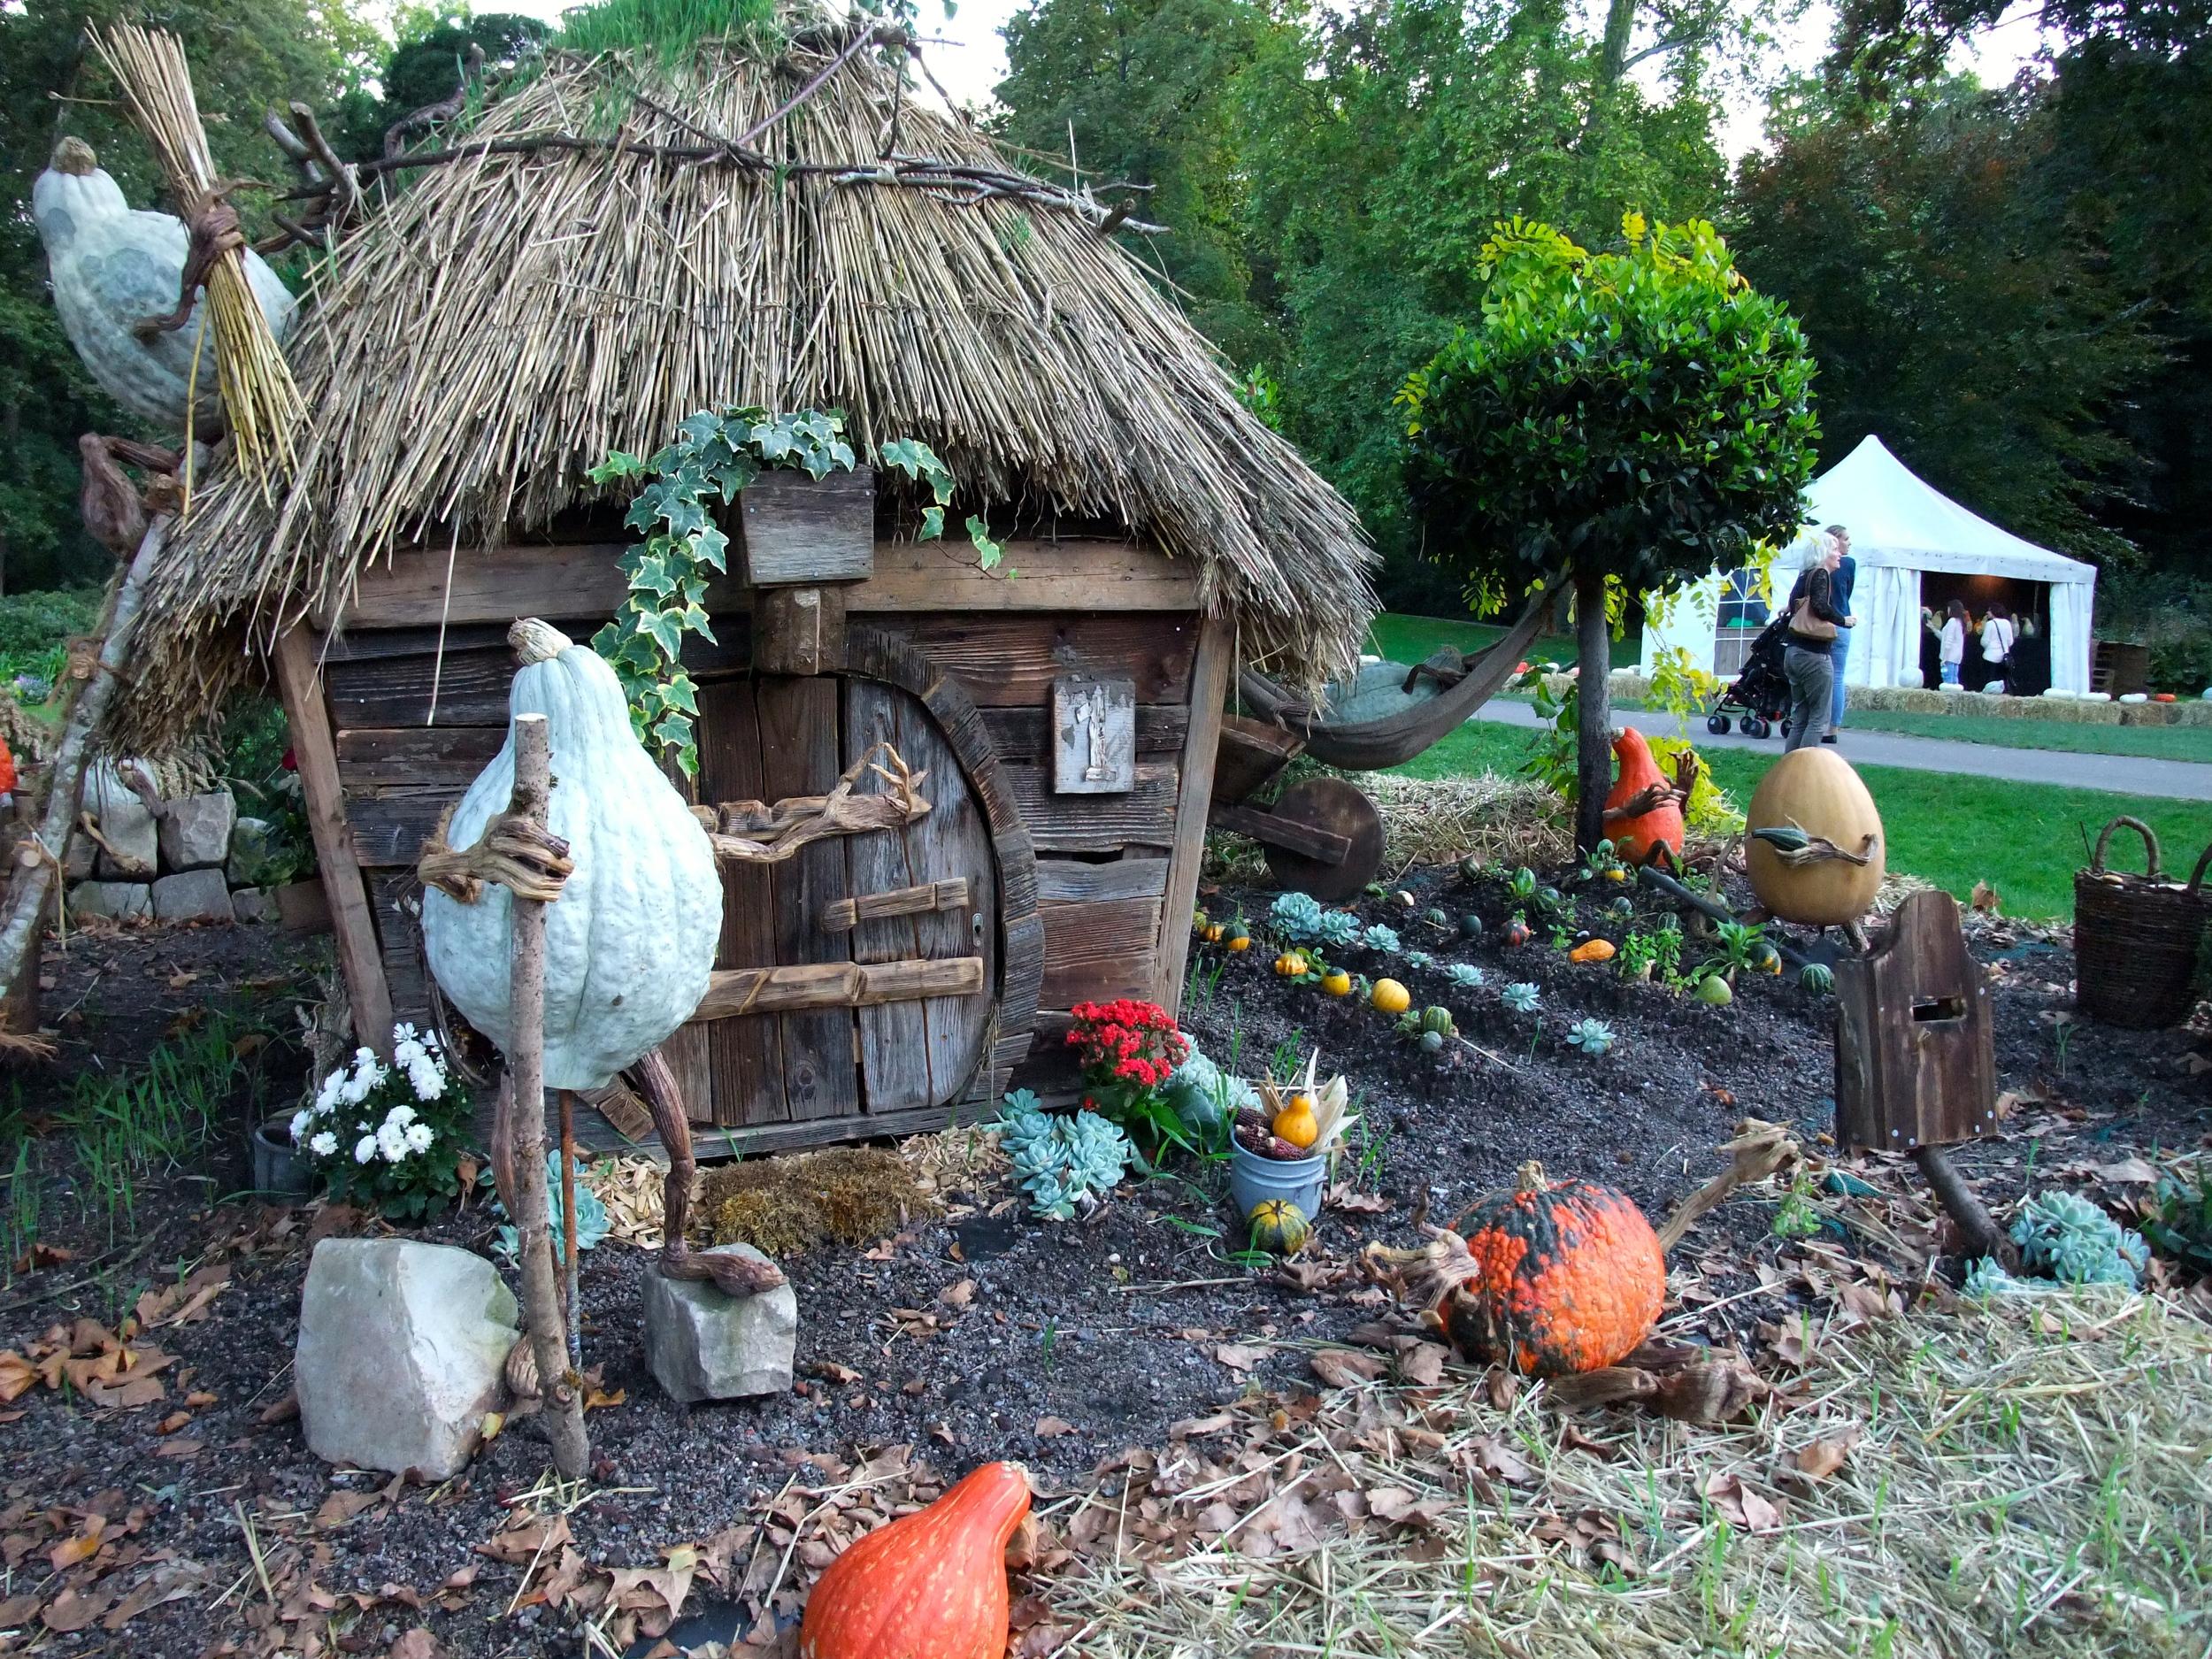 Gourds gardening (or Hobbit gourds?!)